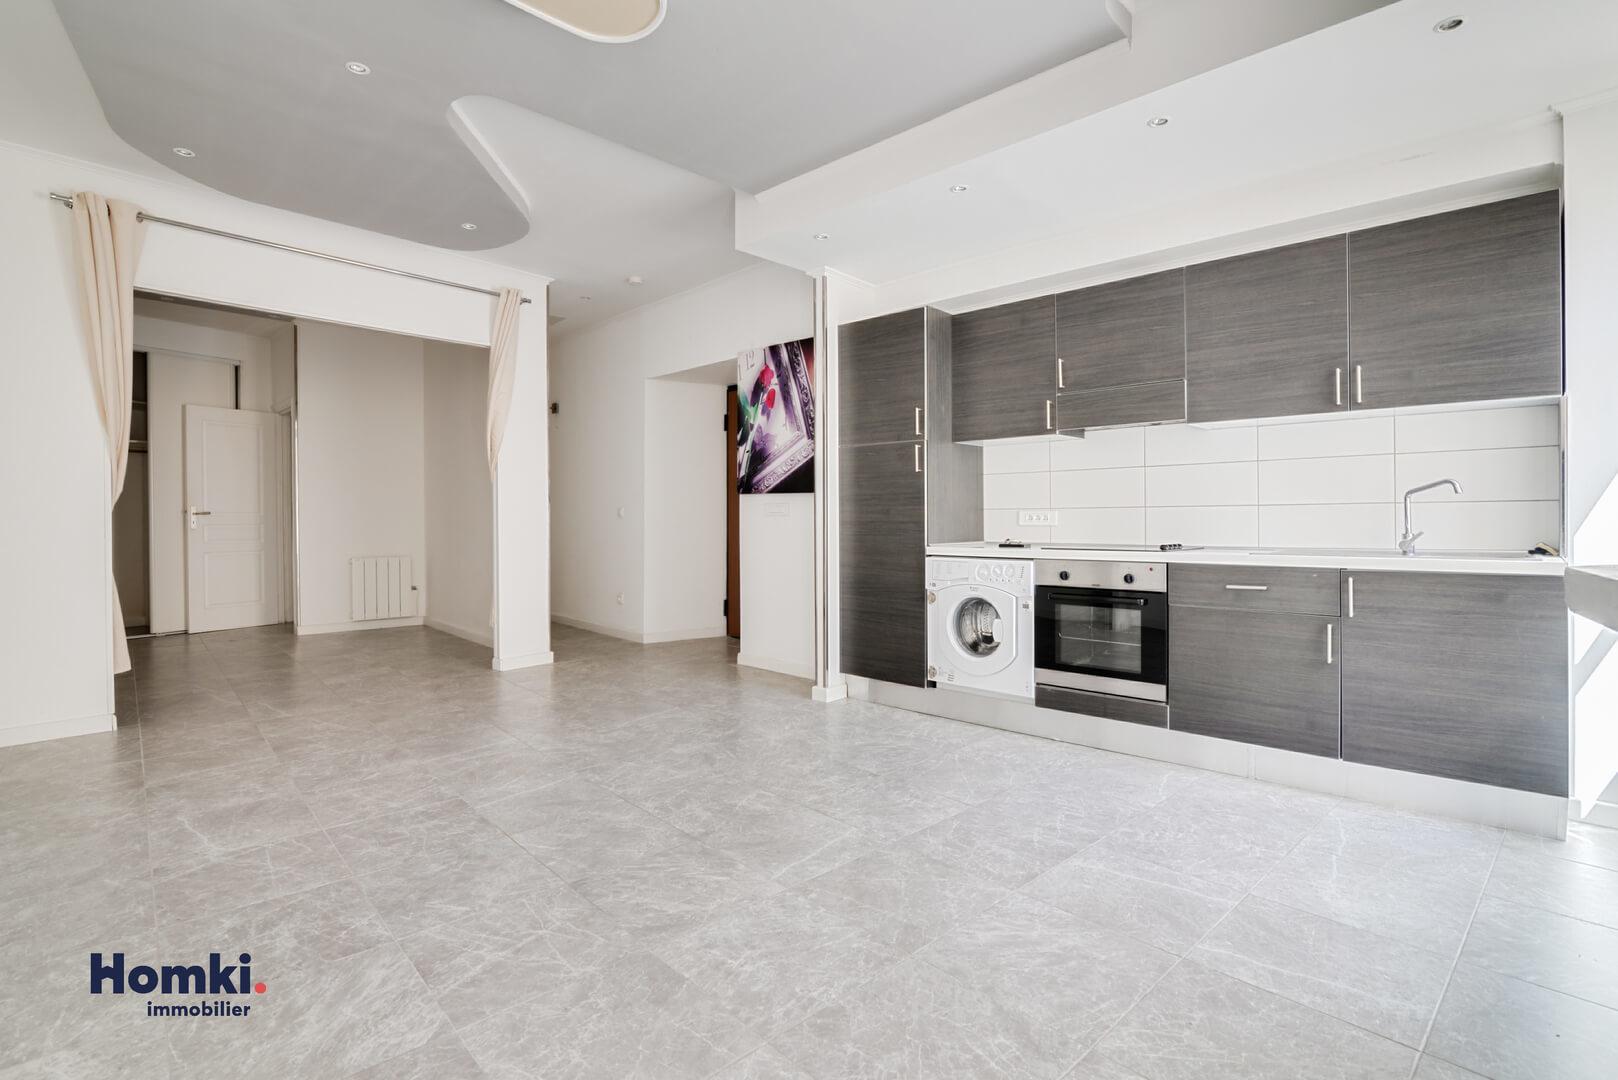 Vente appartement Menton T2 06500 Côte d'Azur French Riviera Investissement_1